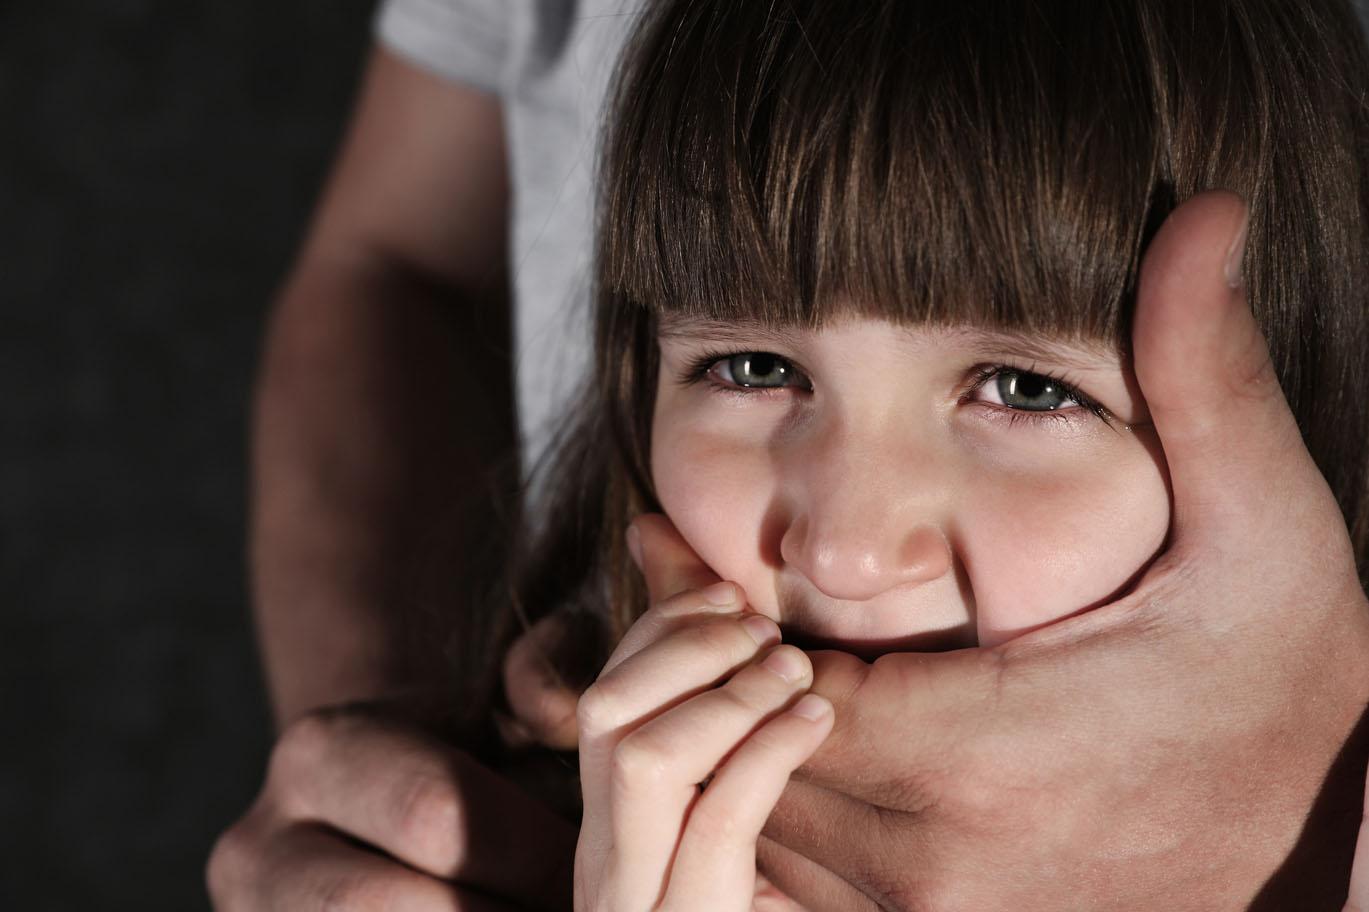 Război împotriva Pedofililor. Eroismul unui tată în fața progresismului european